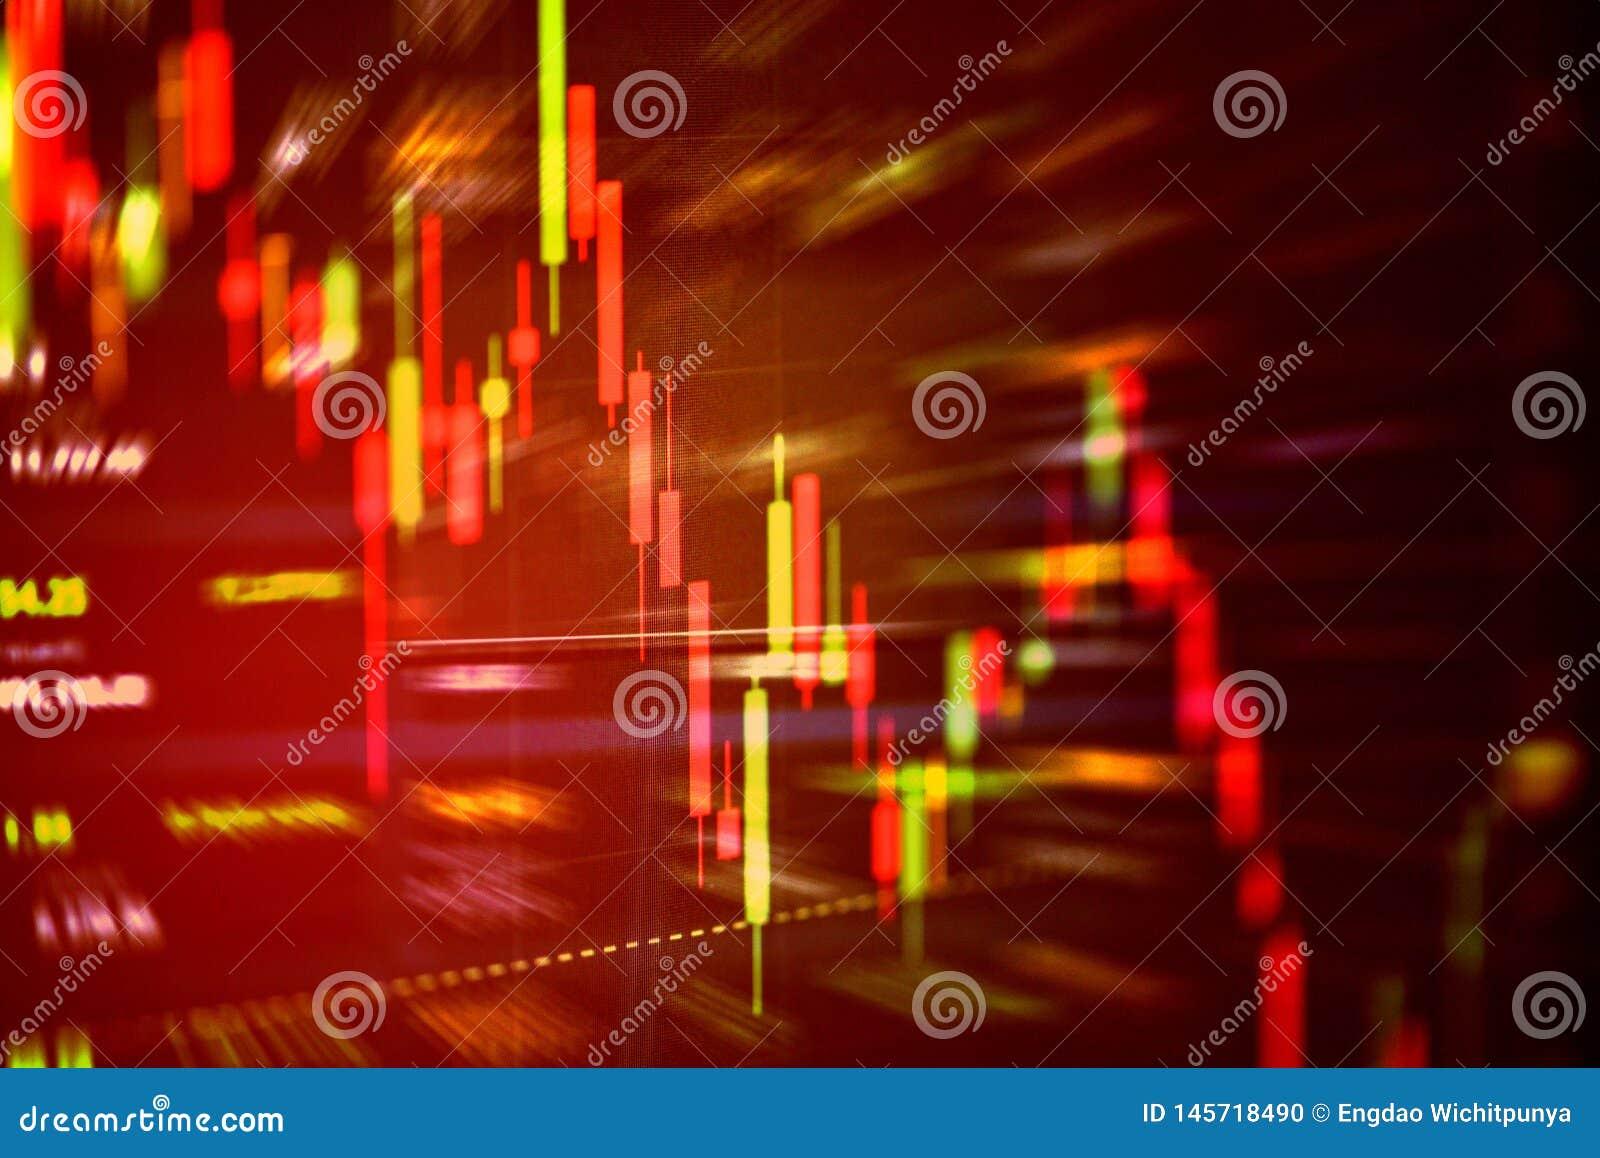 Lagerföra röd prisfall för krisen ner diagramnedgång